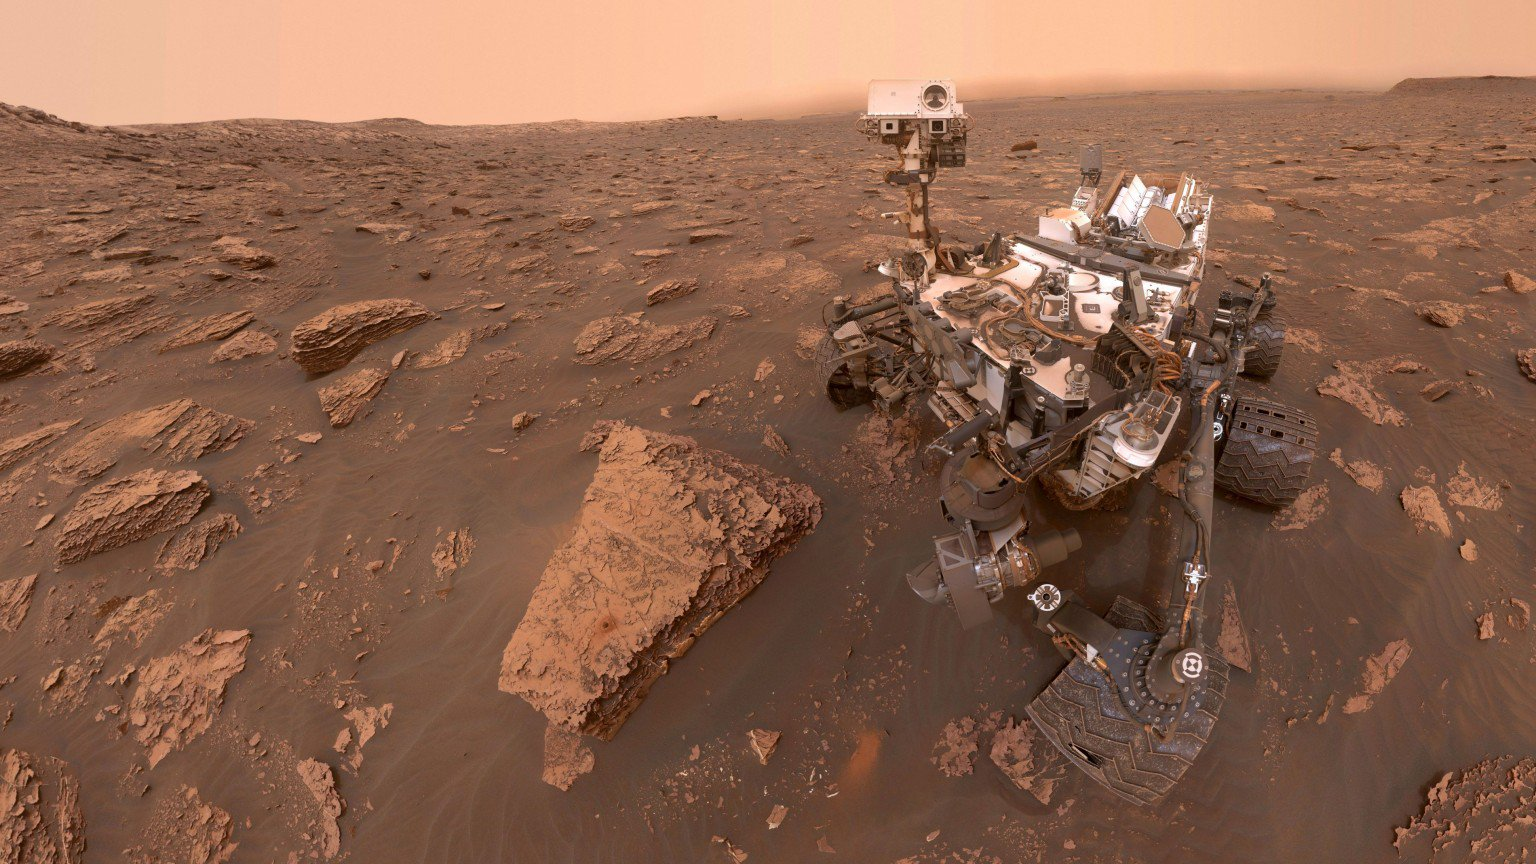 هل رصدت كیوریوسیتي دلیلاً جديداً لوجود حیاة على المريخ؟